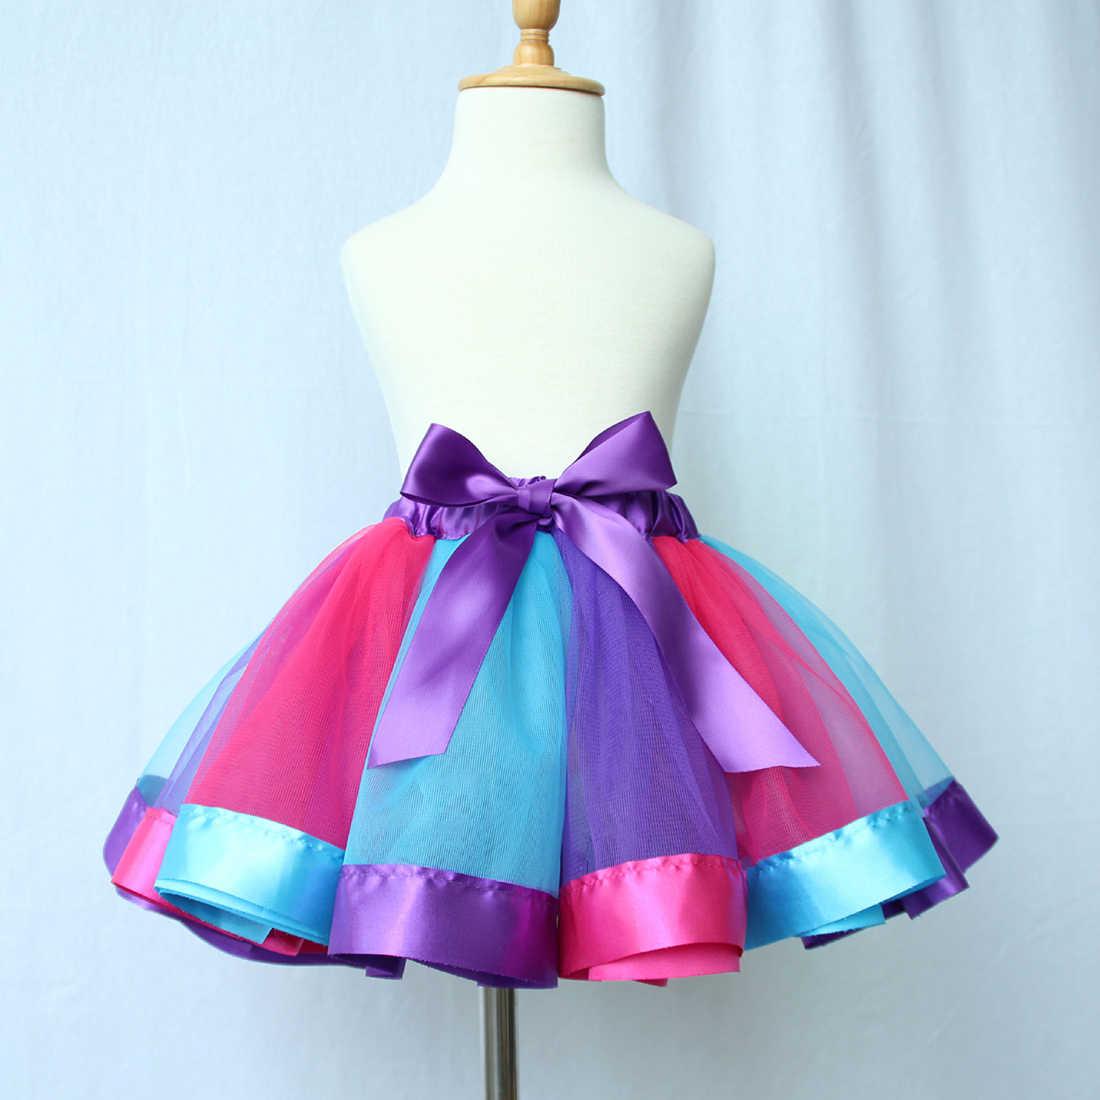 Falda de moda de los niños baile princesa falda ropa para fiesta de bebé niña regalo niño chico de arco iris Tutu